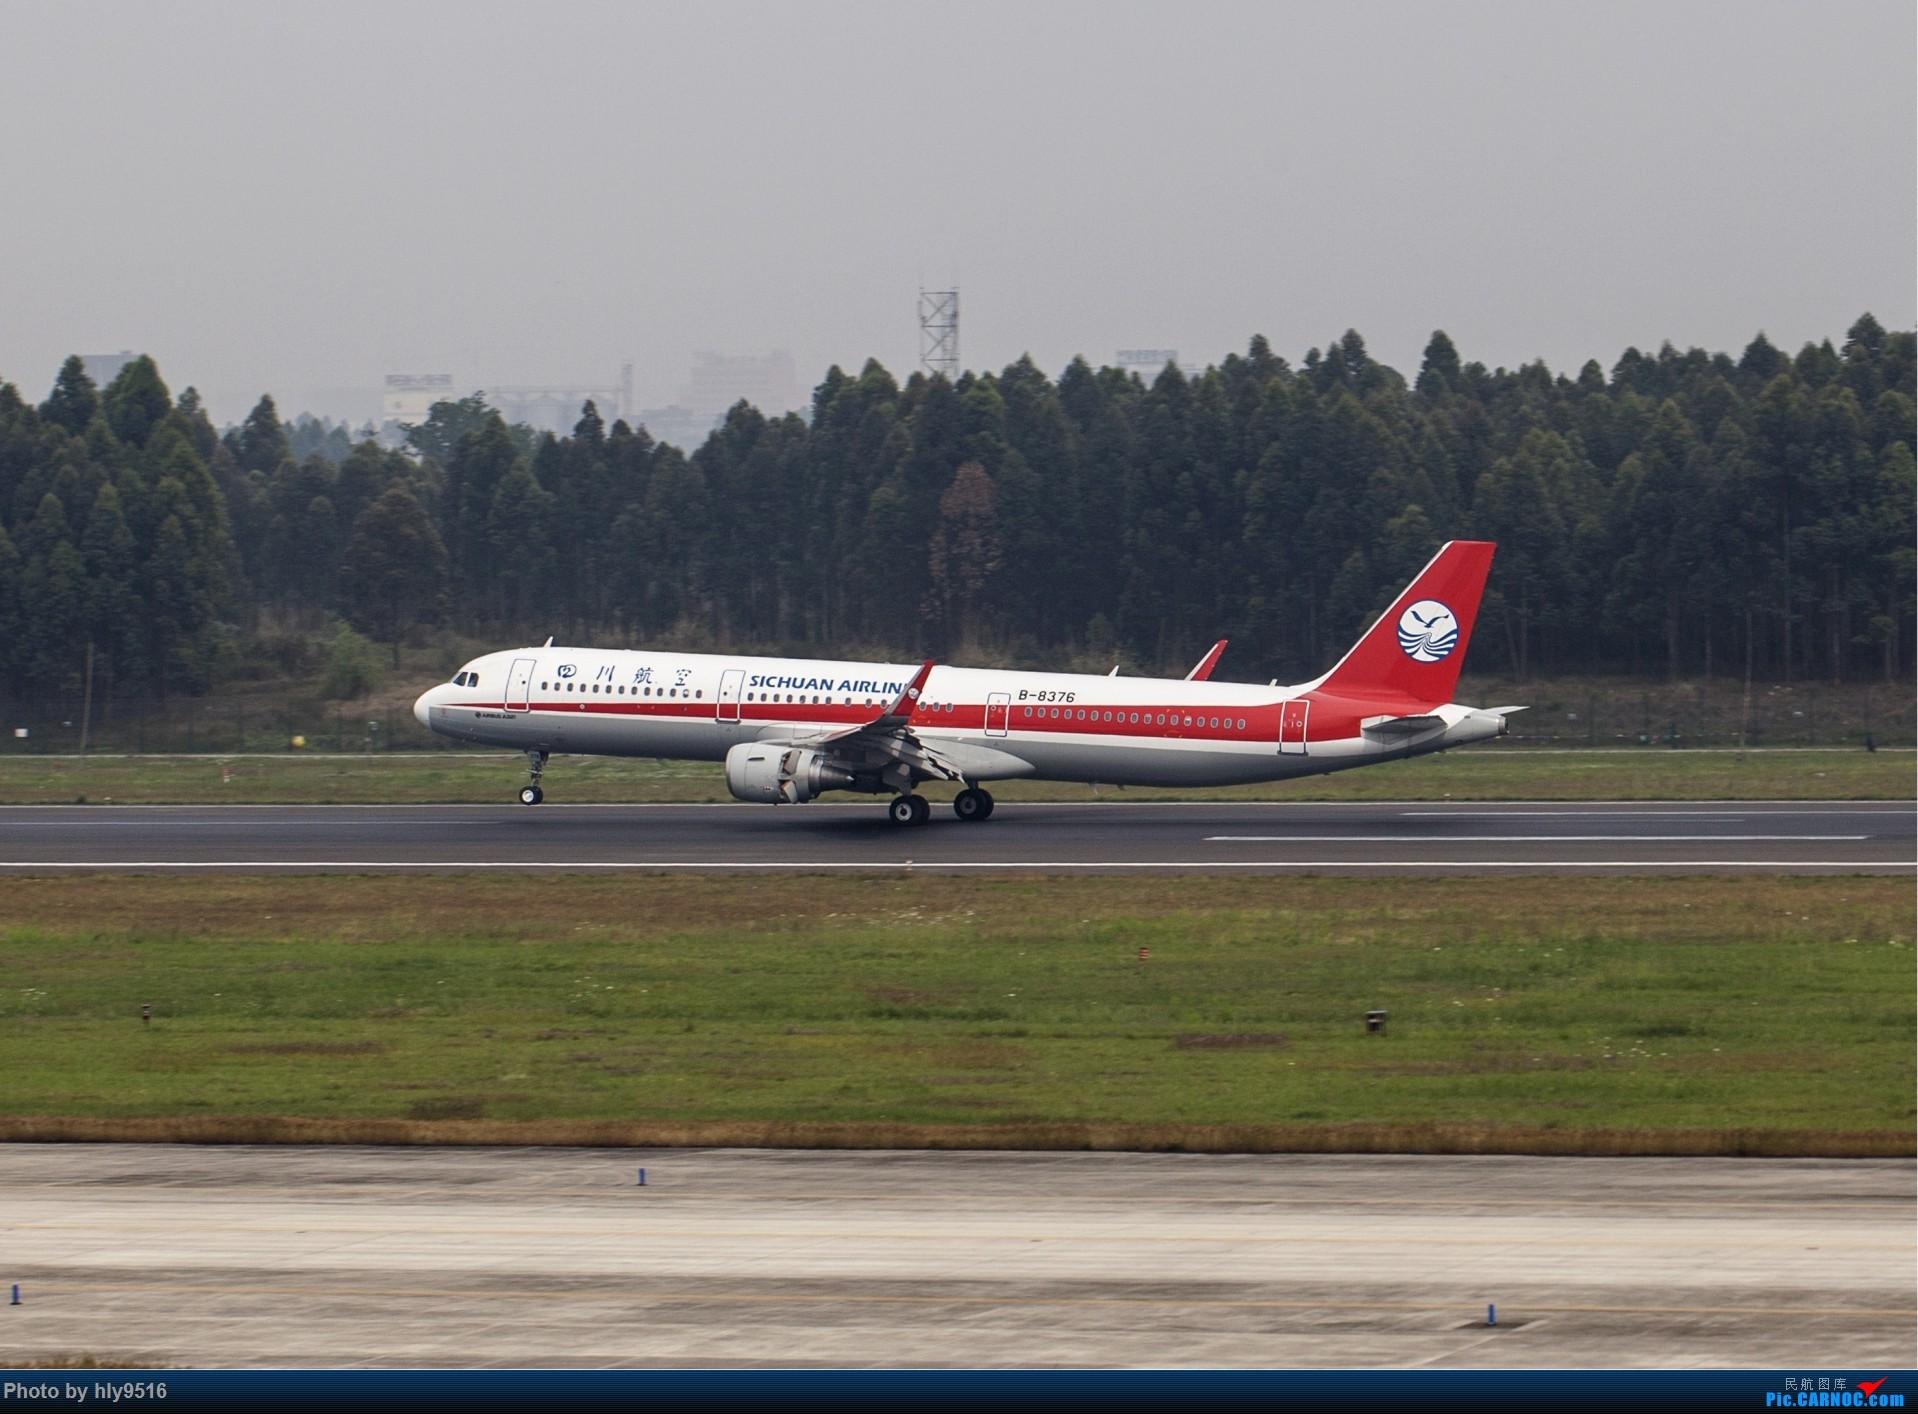 Re:[原创]【CTU】终于解决了大怨念南航A380 偶遇长荣新涂装 两次复飞 小怨念若干 AIRBUS A321-200 B-8376 中国成都双流国际机场